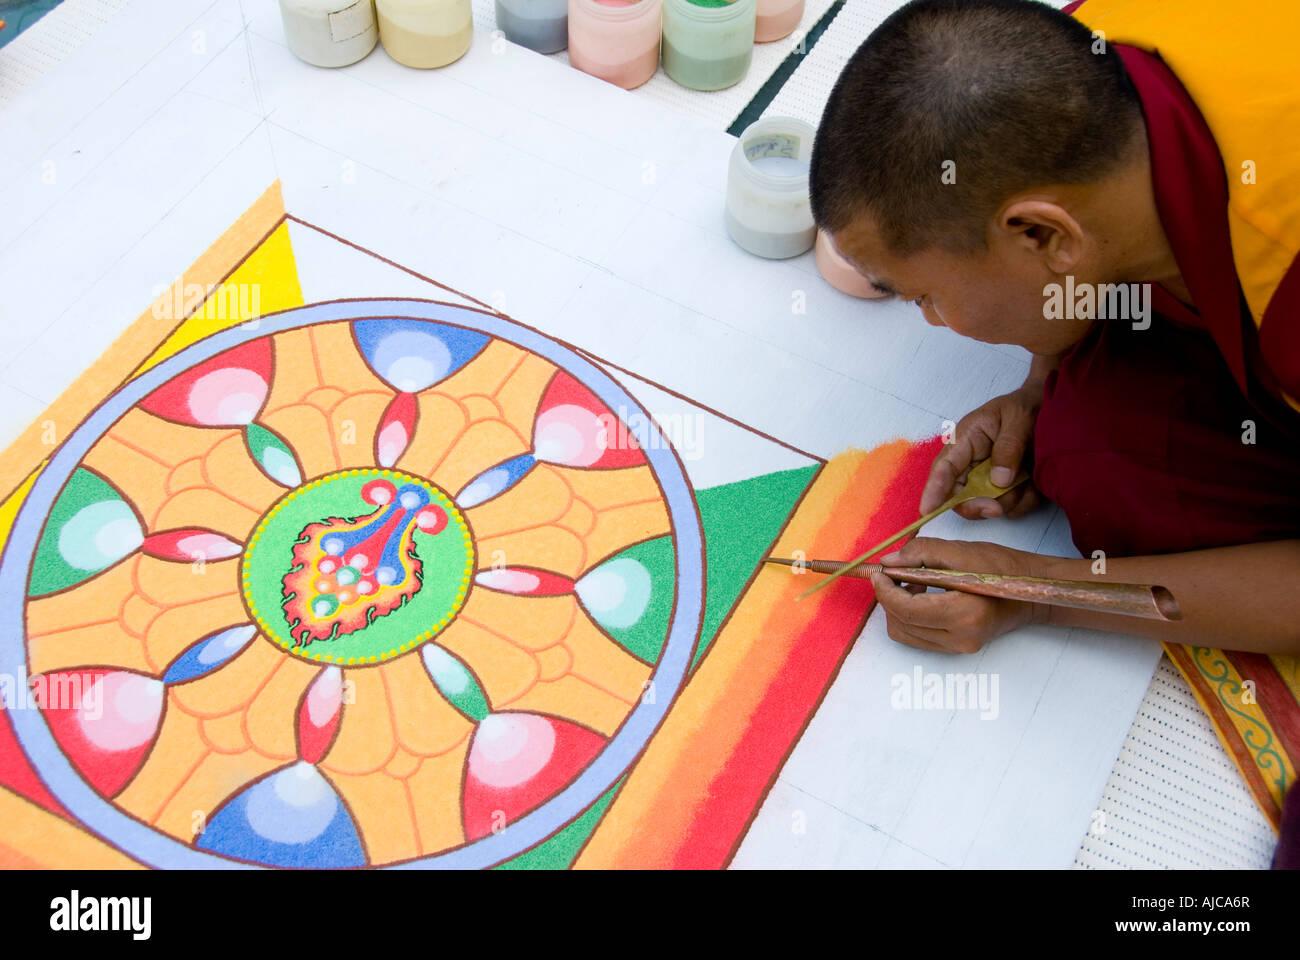 Tibetan monk working on sand mandala - Stock Image